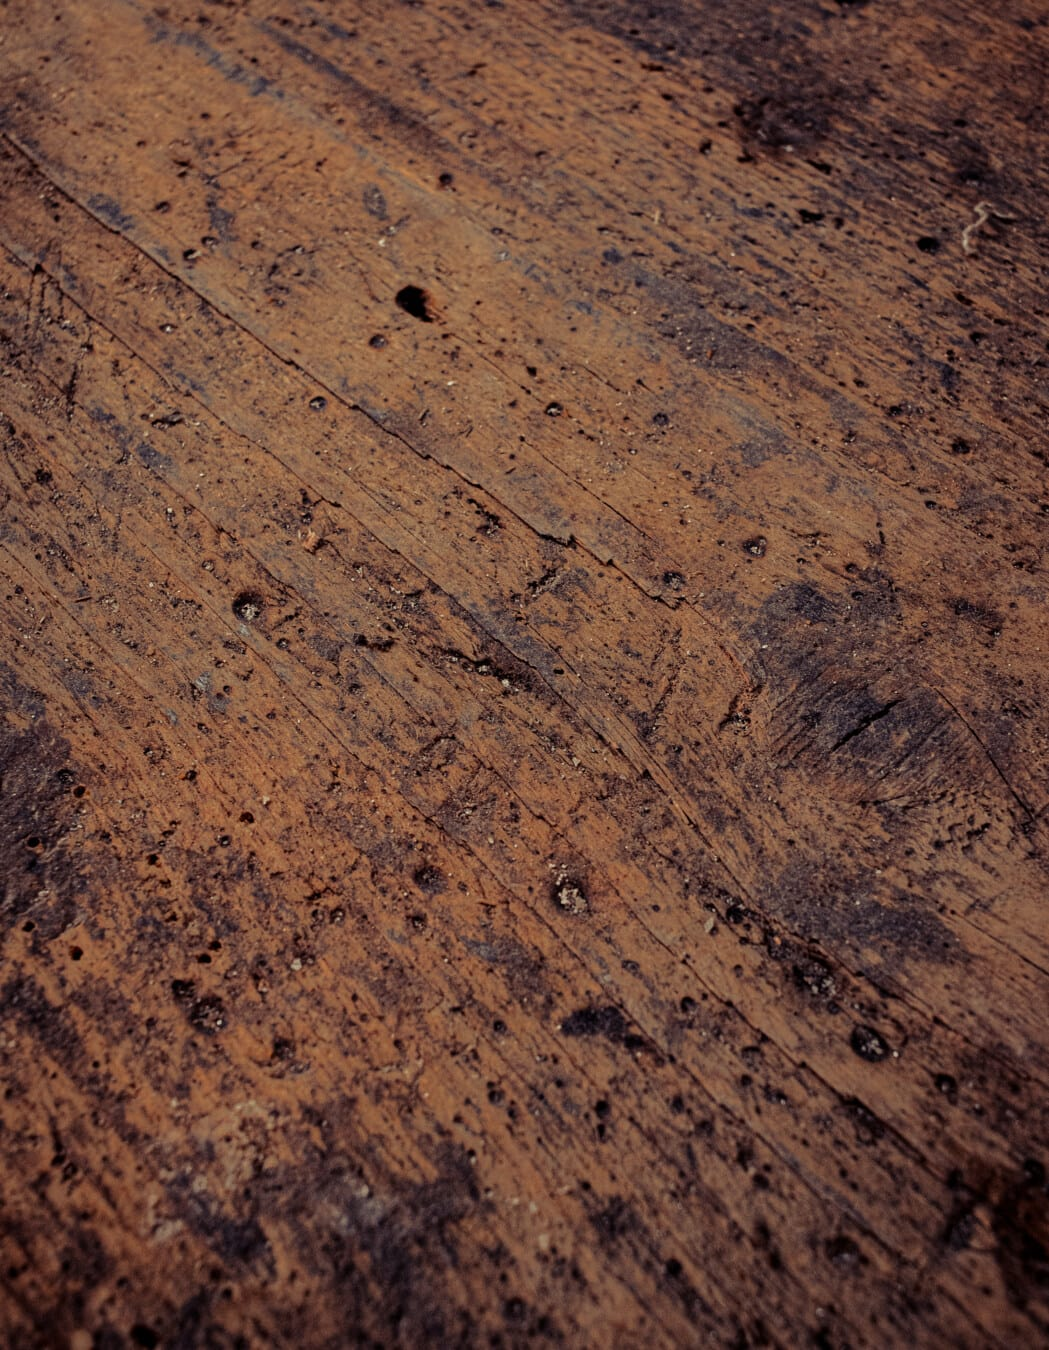 planche, en bois, tache, texture, nœud, sale, carie, brun, vertical, Rough